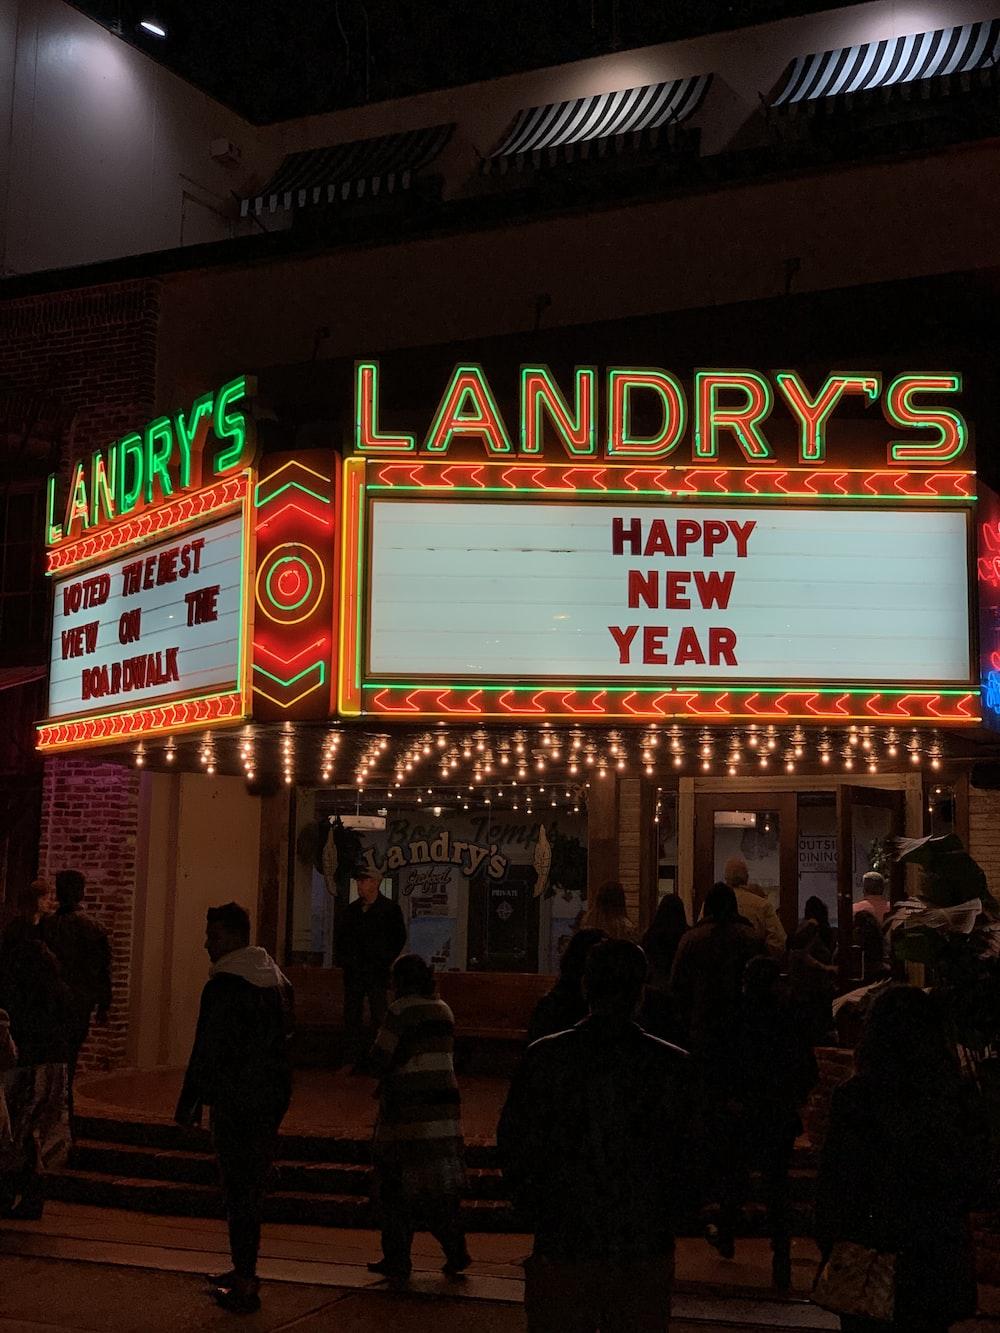 Landry's Happy New Year